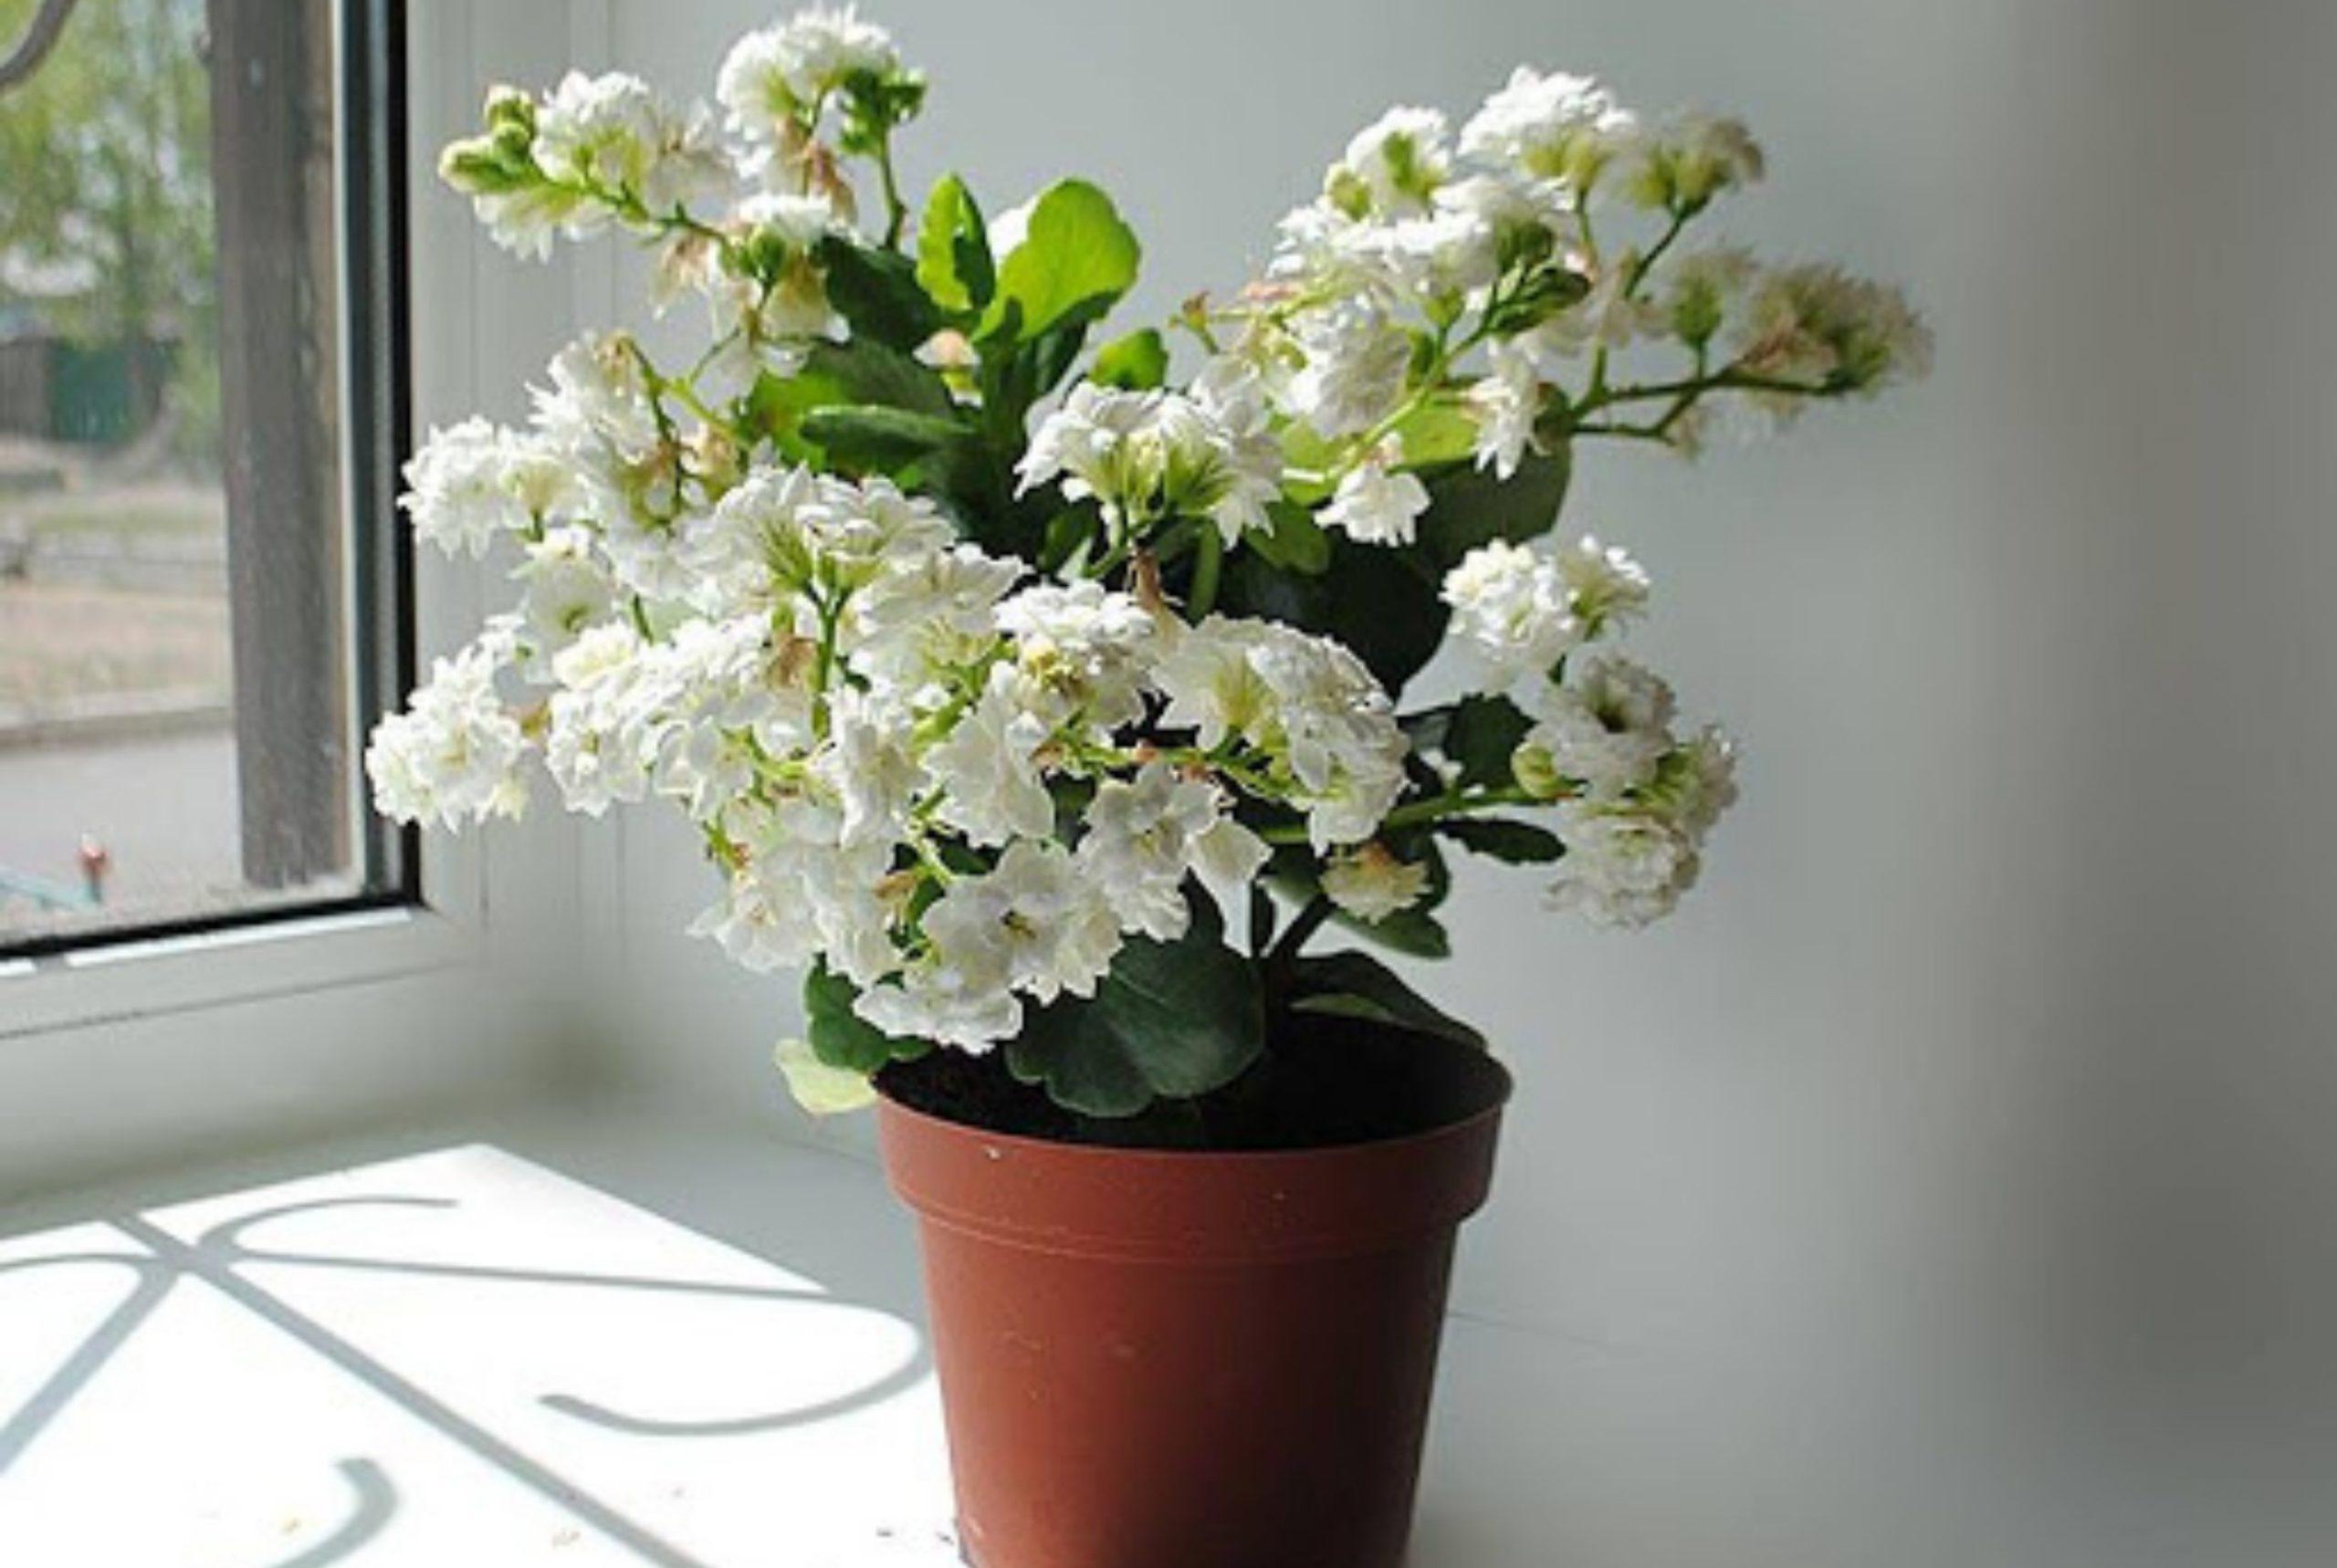 Как выглядит цветок каланхоэ фото, что приносит в дом